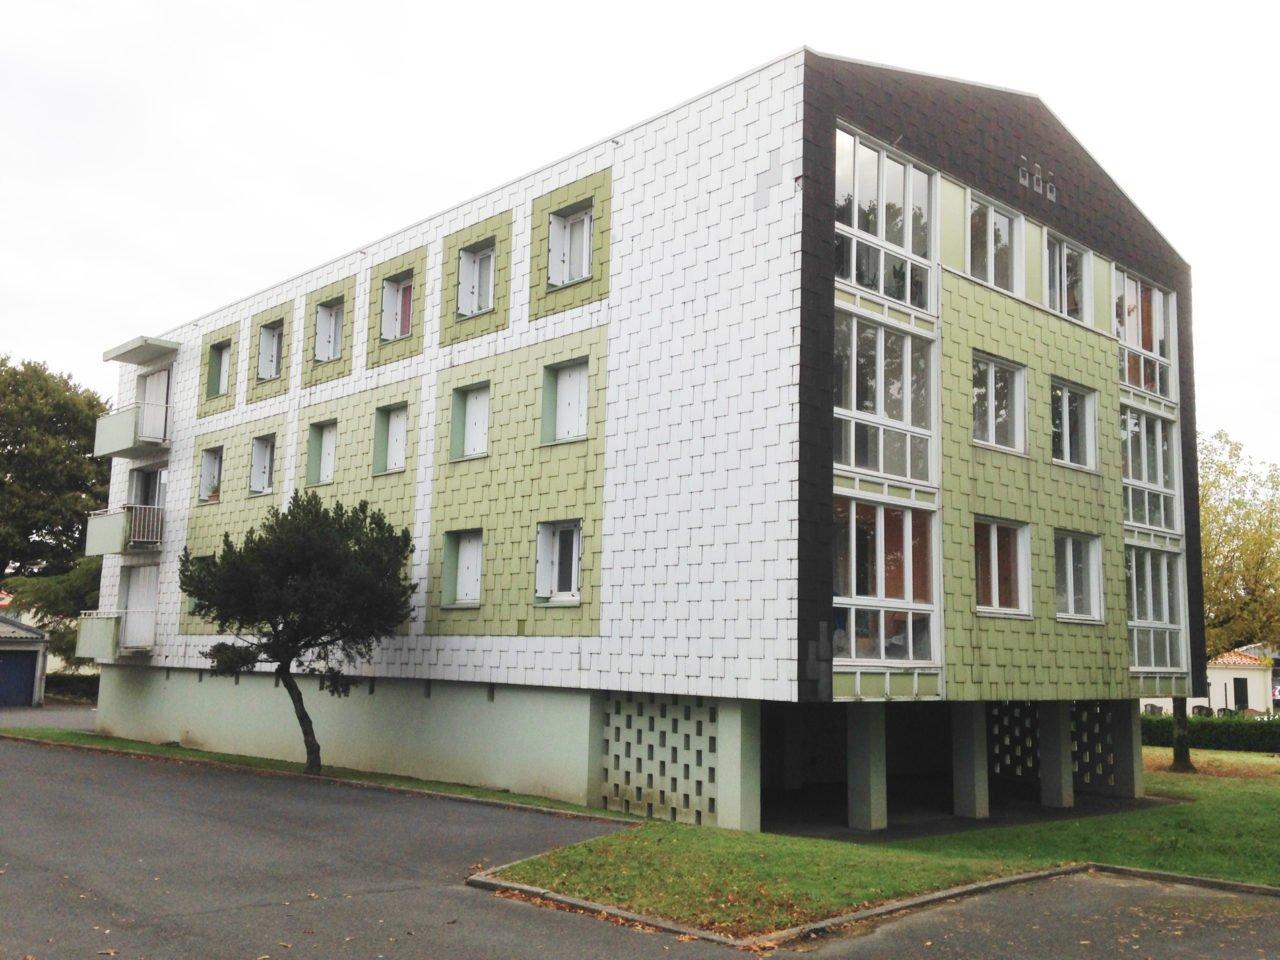 Reconstruire la ville sur la ville, l'exemple du Chaintreau à Mortagne sur Sèvre